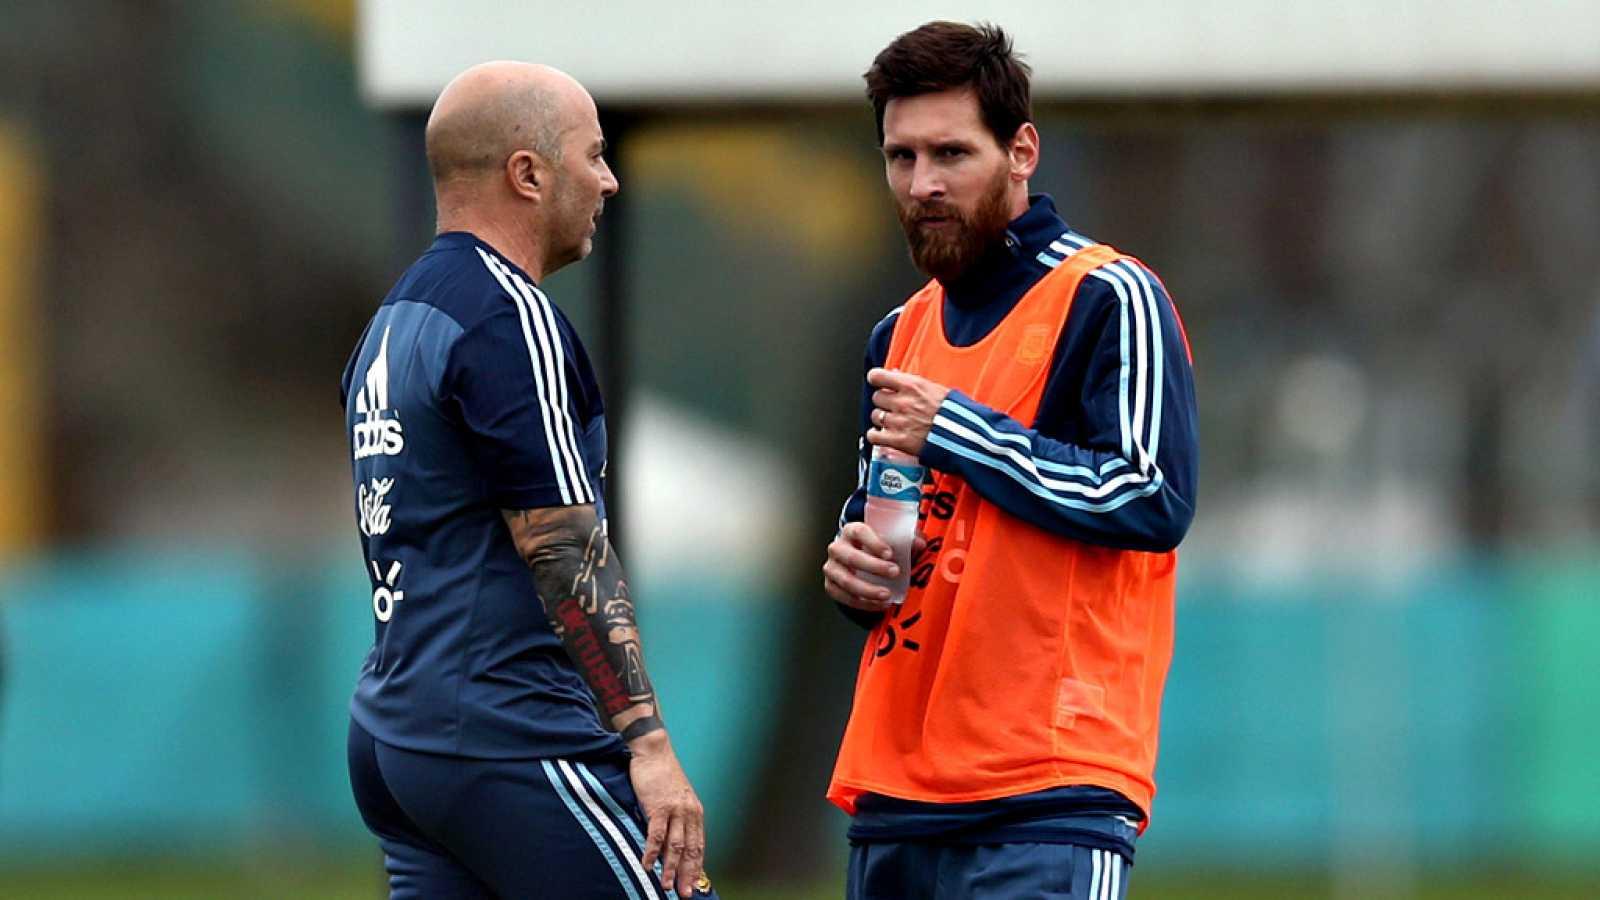 La Asociación del Fútbol Argentino (AFA) recoge en su página web un posible 'once' titular sin el jugador del Barcelona Leo Messi, quien podría perderse por sus molestias en los isquiotibiales y el aductor derecho el amistoso de este martes entre la